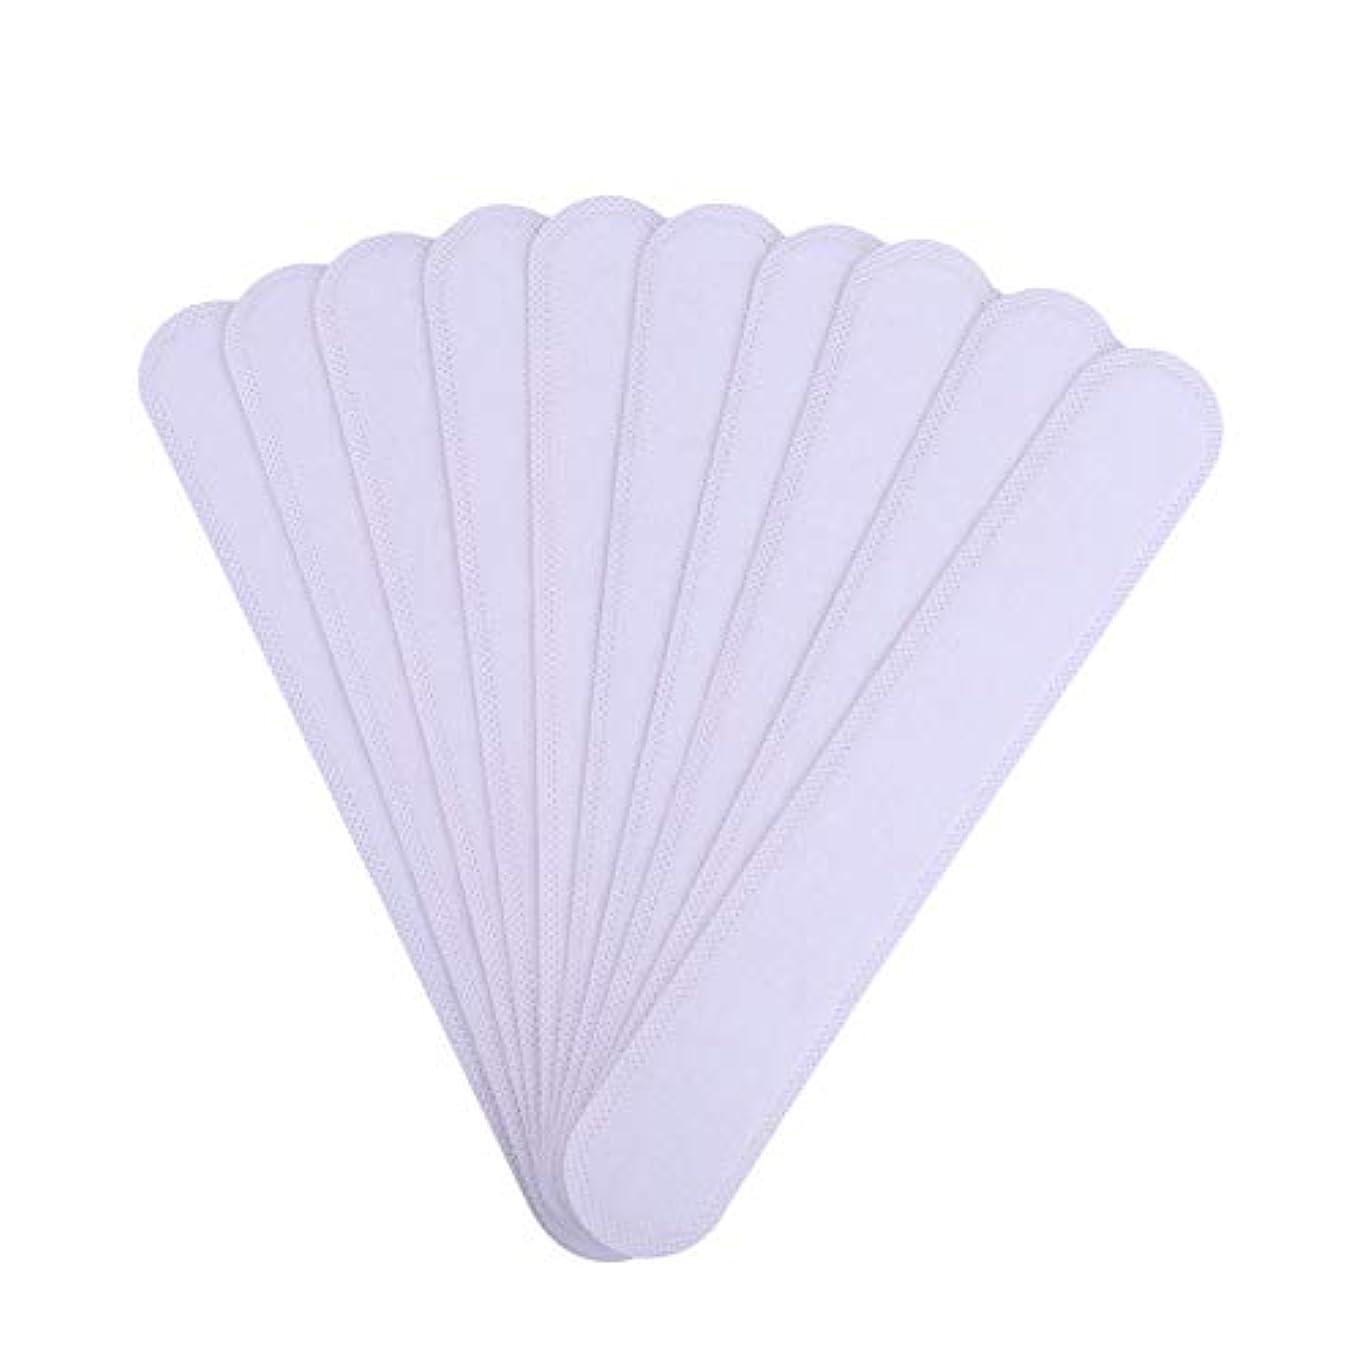 慣習極貧薬局AMAA バッド 10枚入 使い捨てタイプ Yシャツ 帽子 汗染み 汗跡 予防 カラーネックライナーパッド (10枚)